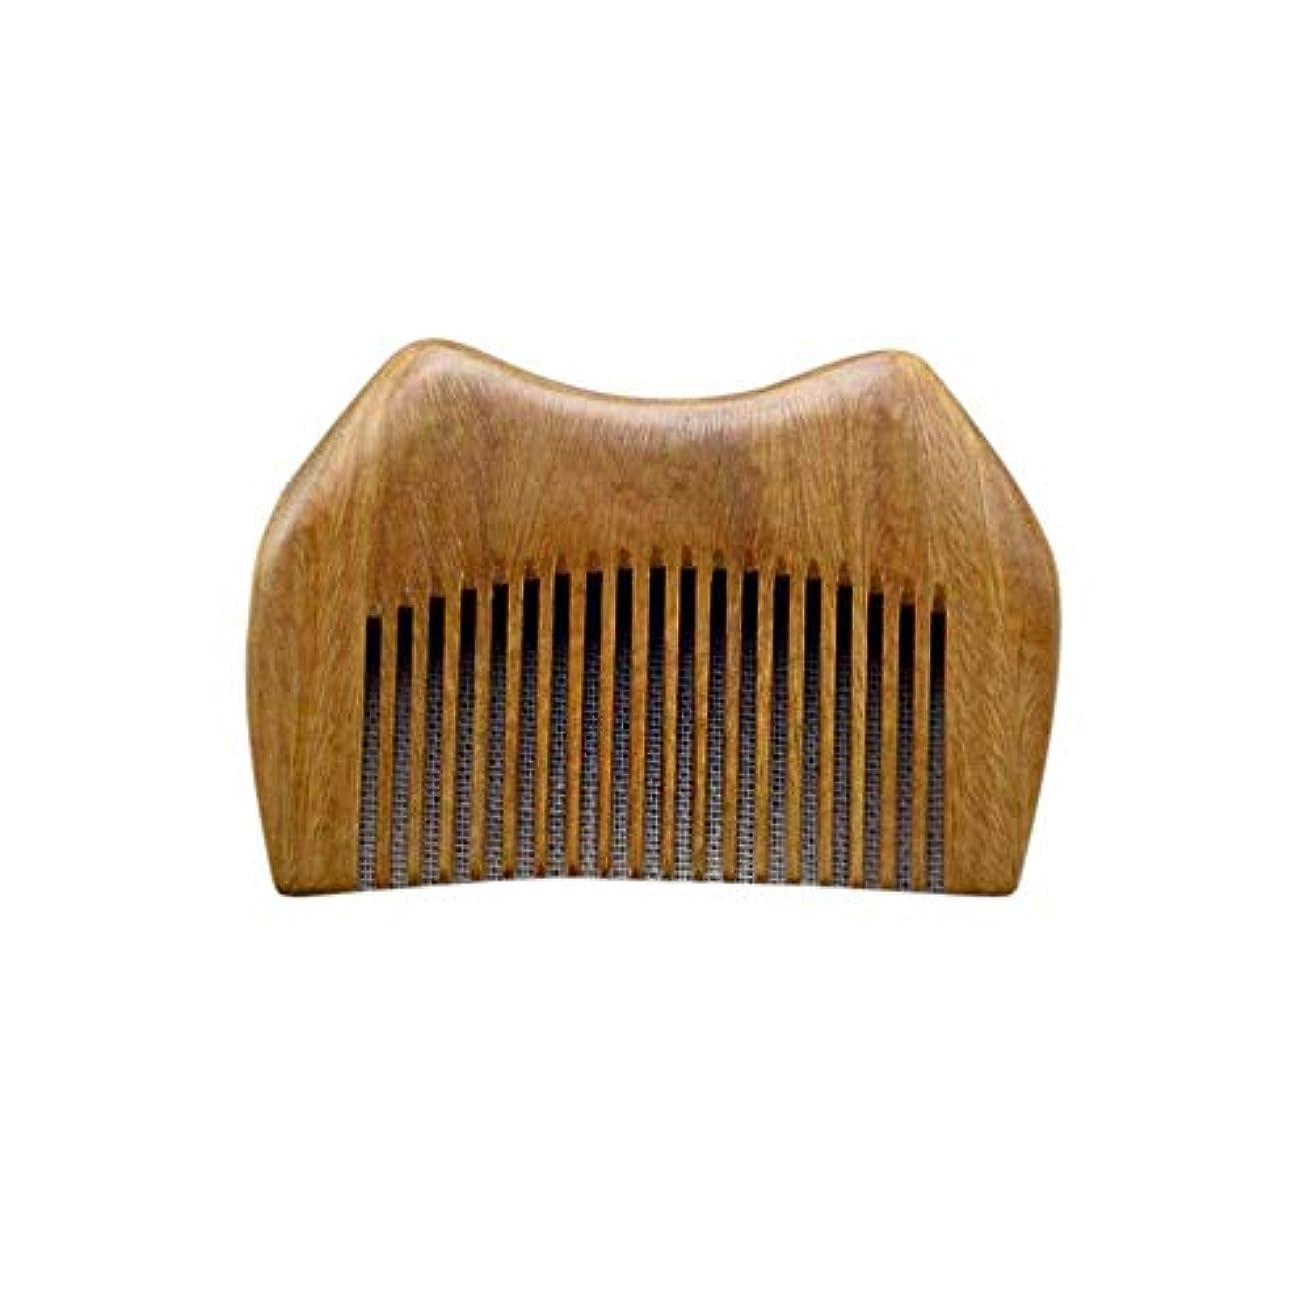 農奴機械準拠WASAIO 静的グリーンサンダルウッド櫛手作り木製櫛櫛男性女性ウェットドライカーリーストレートヘアブラシブラシ手作り木製抗静的 (色 : Photo color)